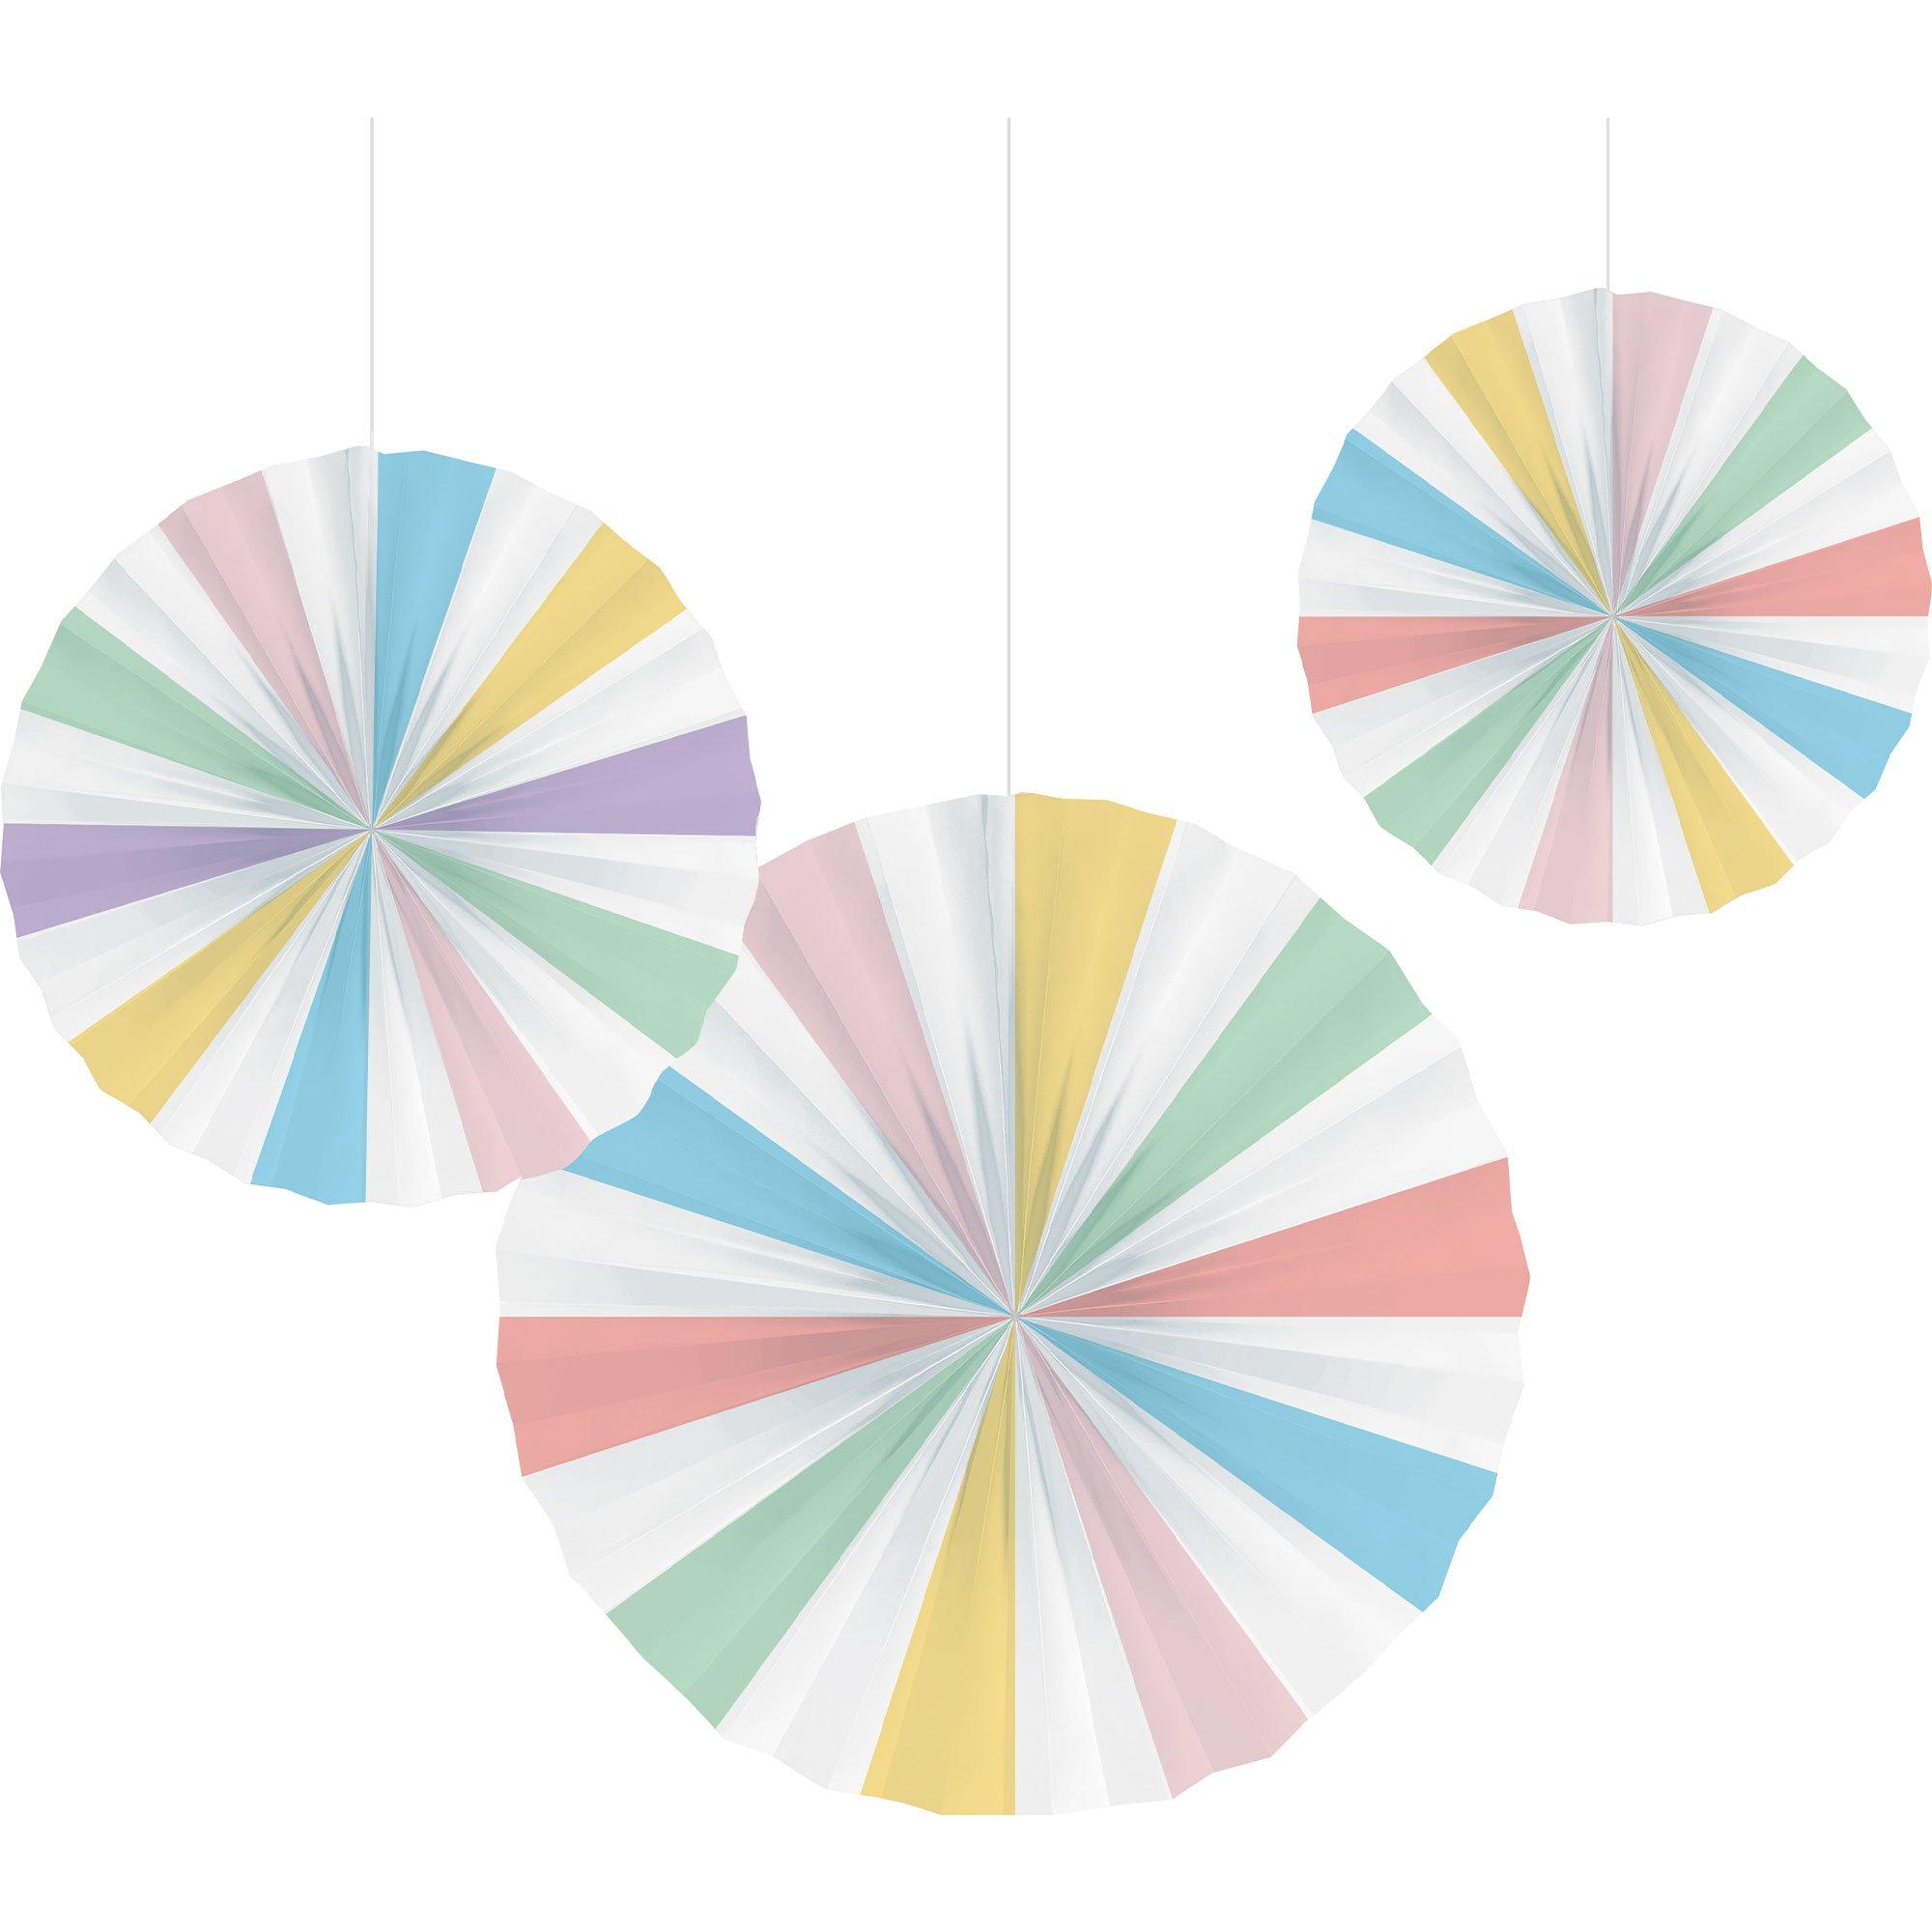 Pastel Celebrations Paper Fan Decorations 25cm, 30cm & 40cm